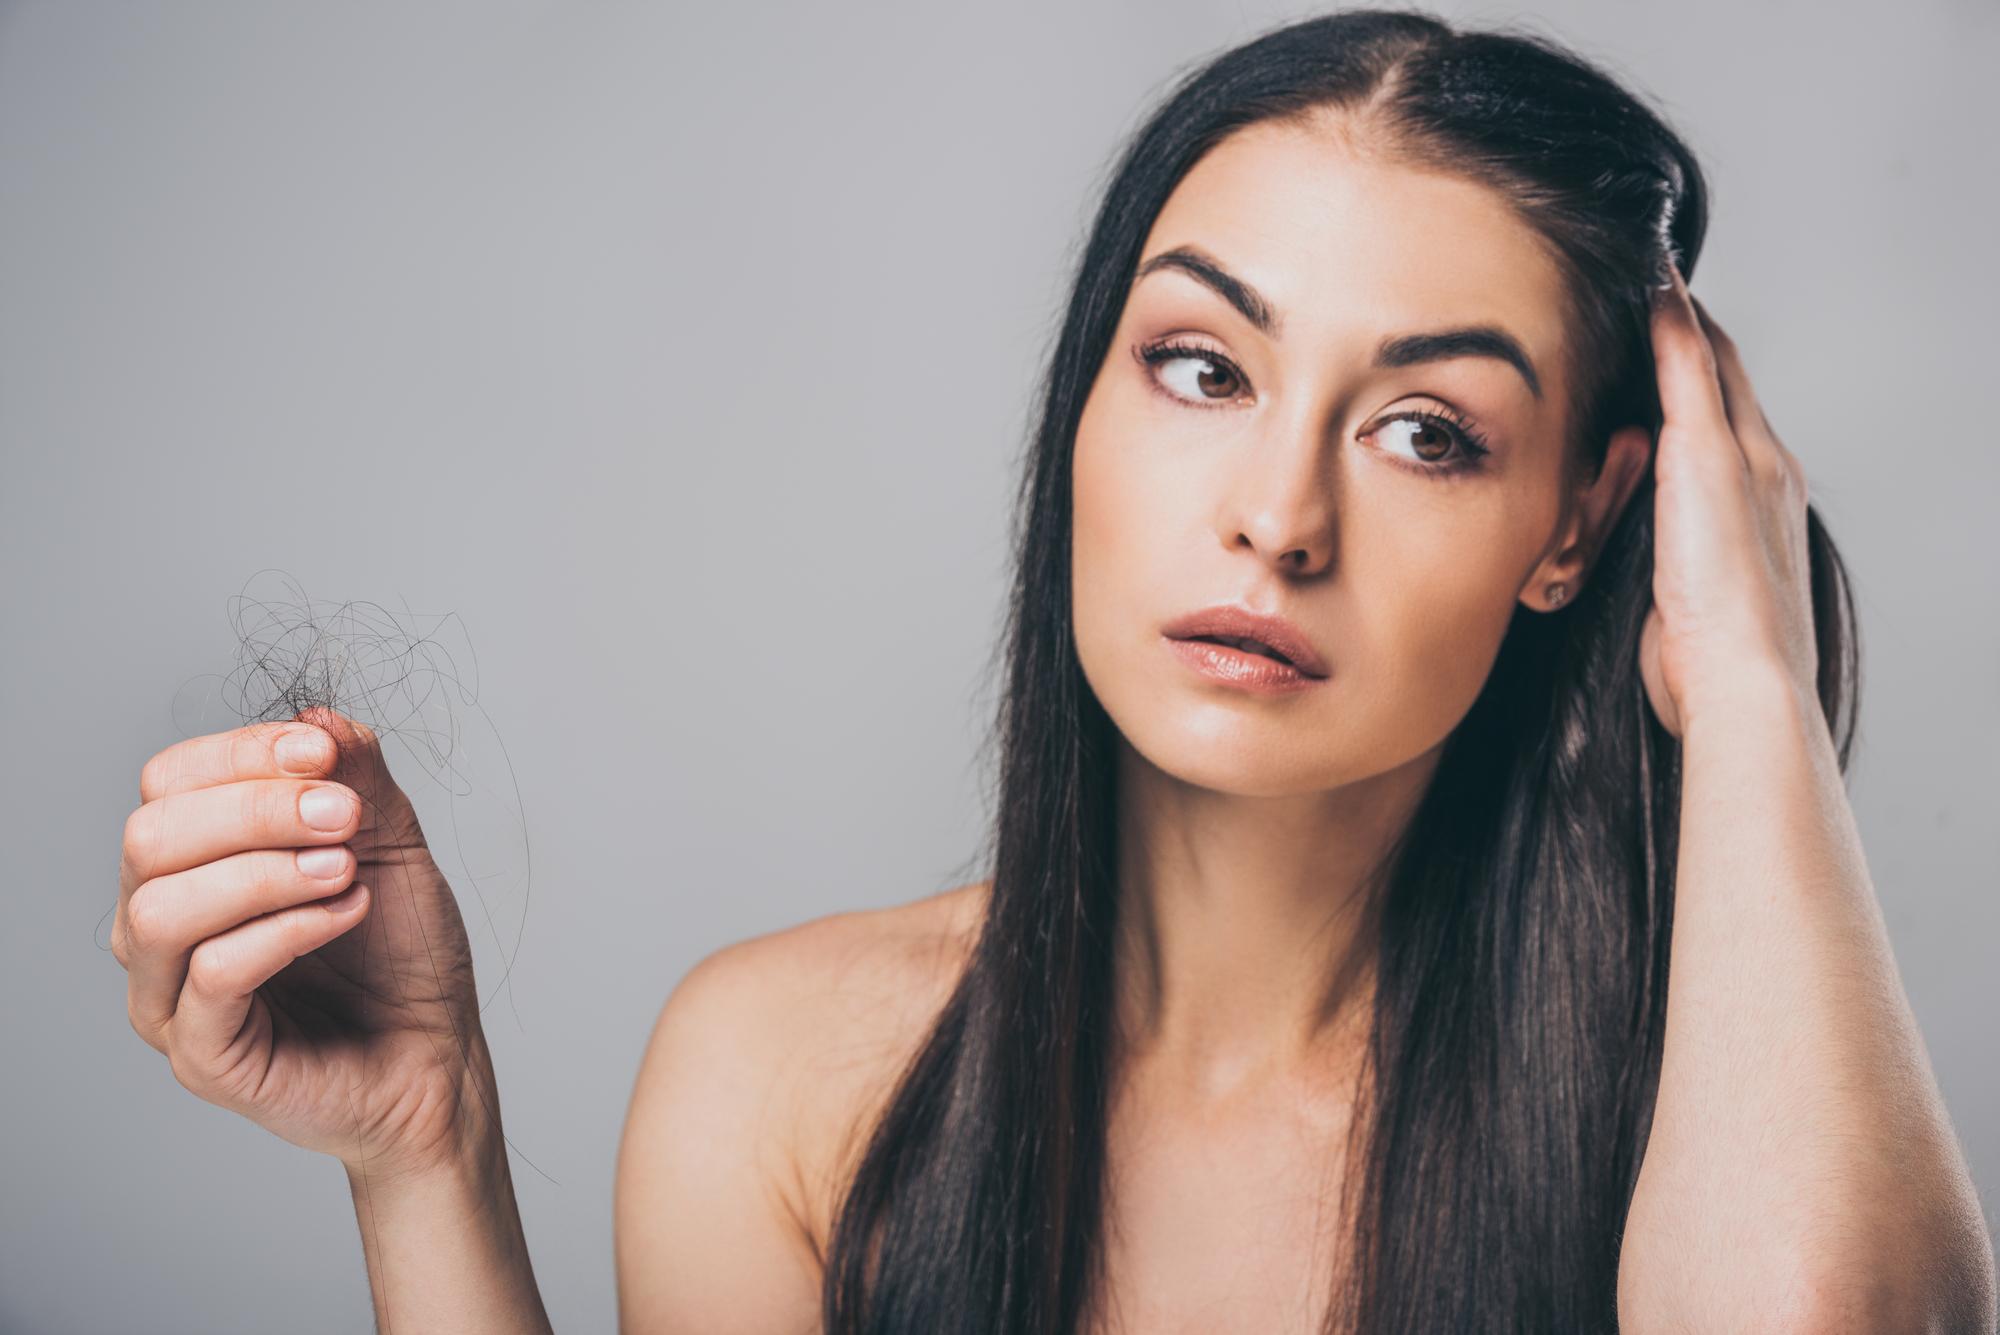 Анита Луценко рассказала, почему могут выпадать волосы